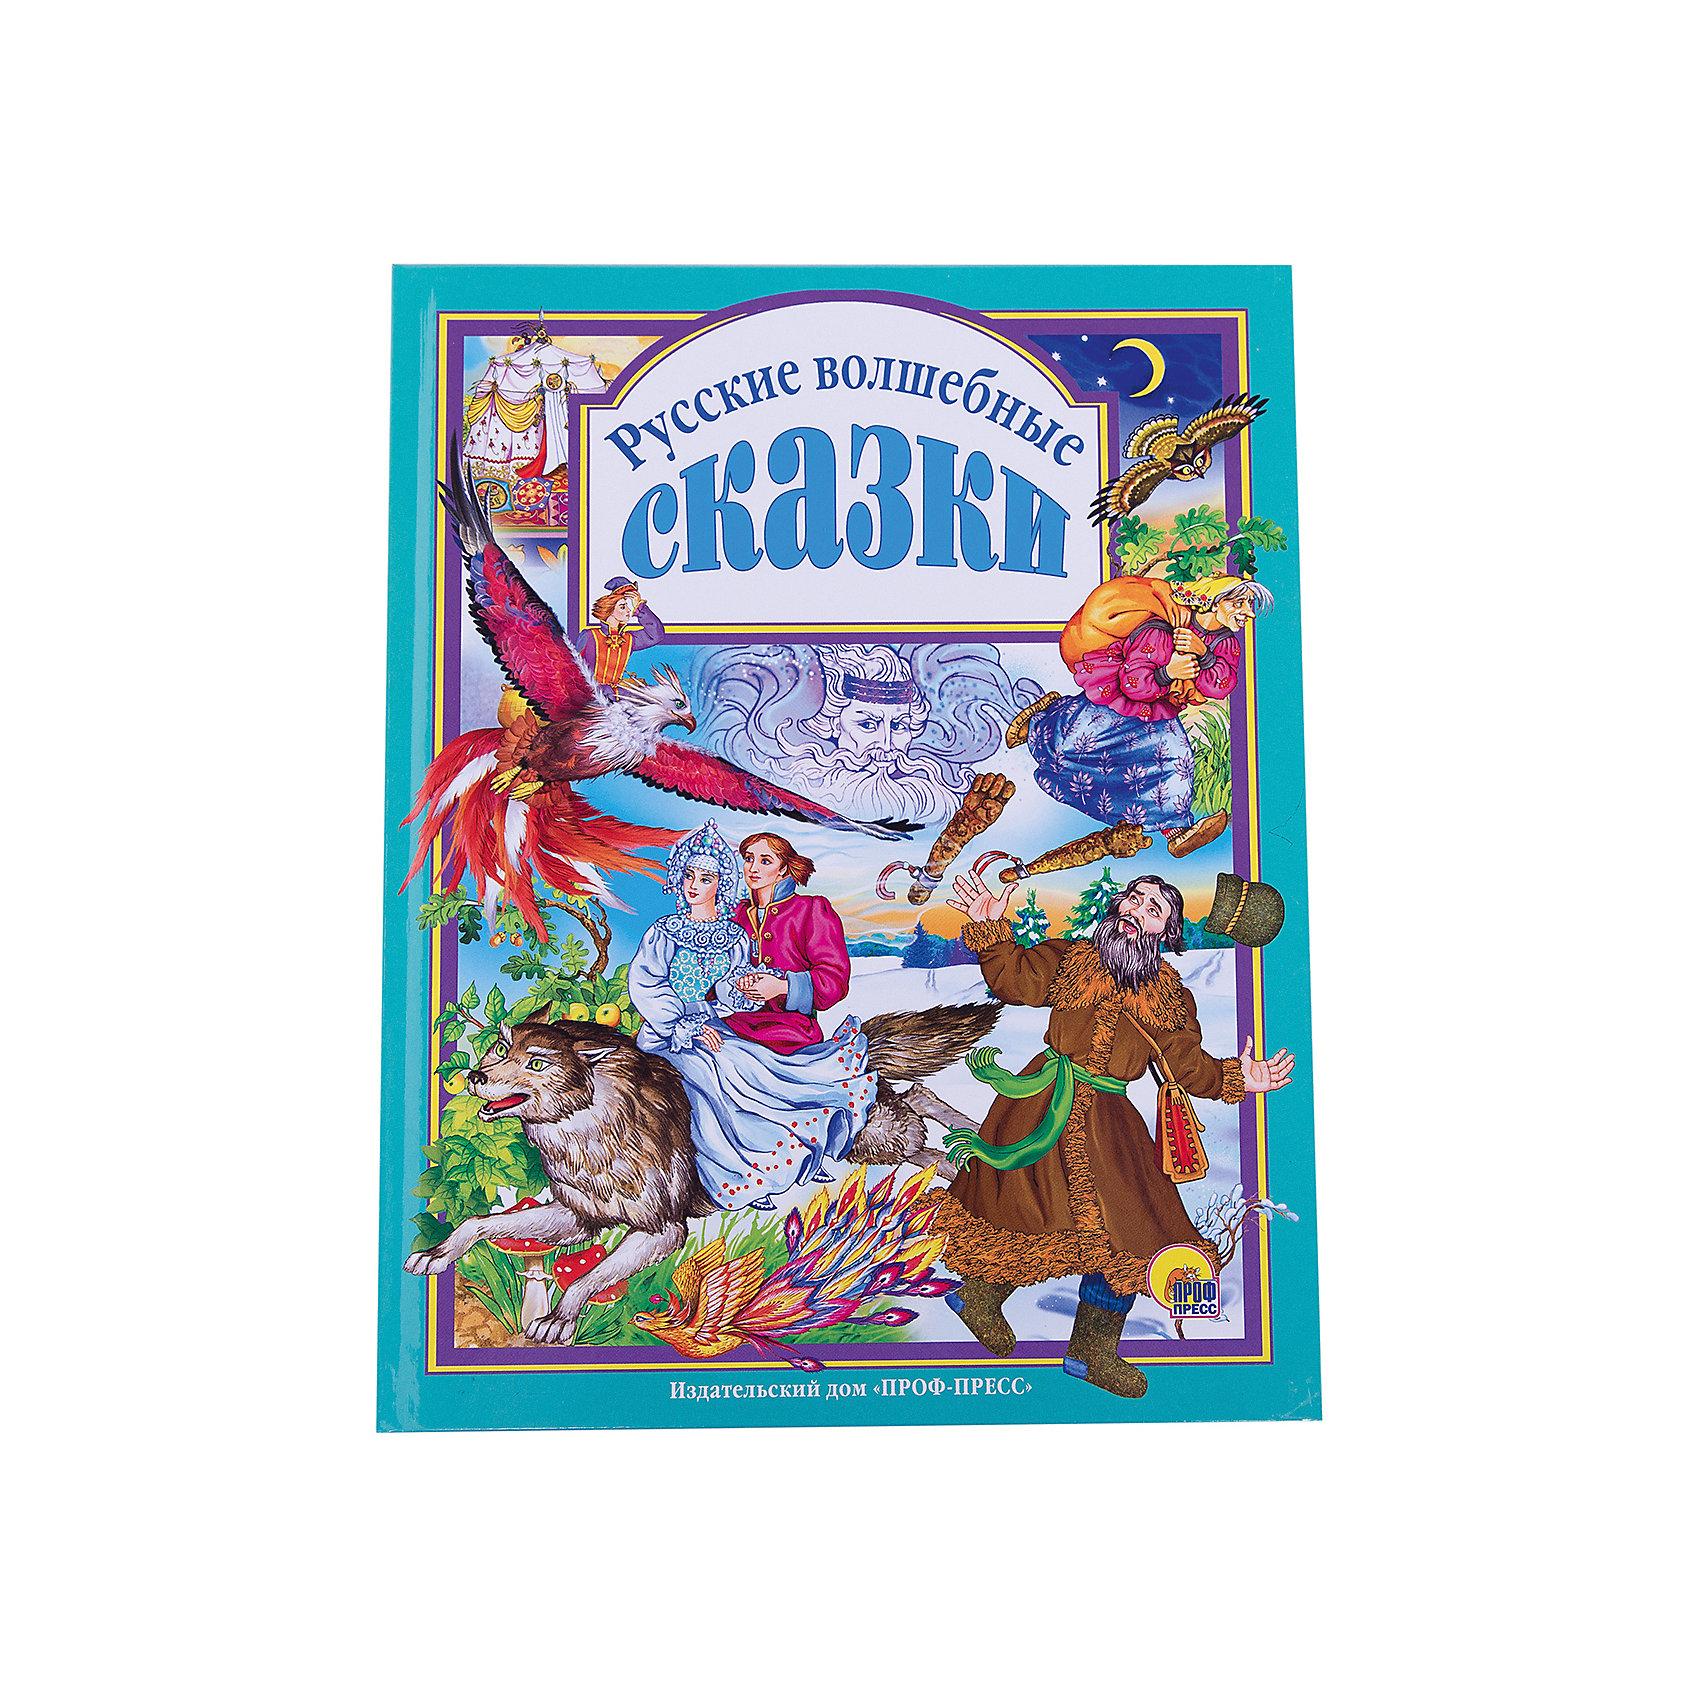 Русские волшебные сказкиДанная серия собрала сказки, проверенные многими поколениями, которые понравятся и современным детям. Книги - это лучший подарок не только взрослым, они помогают детям познавать мир и учиться читать, также книги позволяют ребенку весело проводить время. Они также стимулируют развитие воображения, логики и творческого мышления.<br>Это издание очень красиво оформлено, в него вошли самые интересные сказки. Яркие картинки обязательно понравятся малышам! Книга сделана из качественных и безопасных для детей материалов. Содержание: «Иван-царевич и серый волк», «Терёшечка», «Мальчик-с-пальчик», «Сказка о молодильных яблоках и живой воде», «Василиса Прекрасная» и многие другие.<br>  <br>Дополнительная информация:<br><br>размер: 200х265 мм;<br>вес: 441 г.<br><br>Книгу Русские волшебные сказки от издательства Проф-Пресс можно купить в нашем магазине.<br><br>Ширина мм: 200<br>Глубина мм: 13<br>Высота мм: 265<br>Вес г: 441<br>Возраст от месяцев: 0<br>Возраст до месяцев: 60<br>Пол: Унисекс<br>Возраст: Детский<br>SKU: 4787330